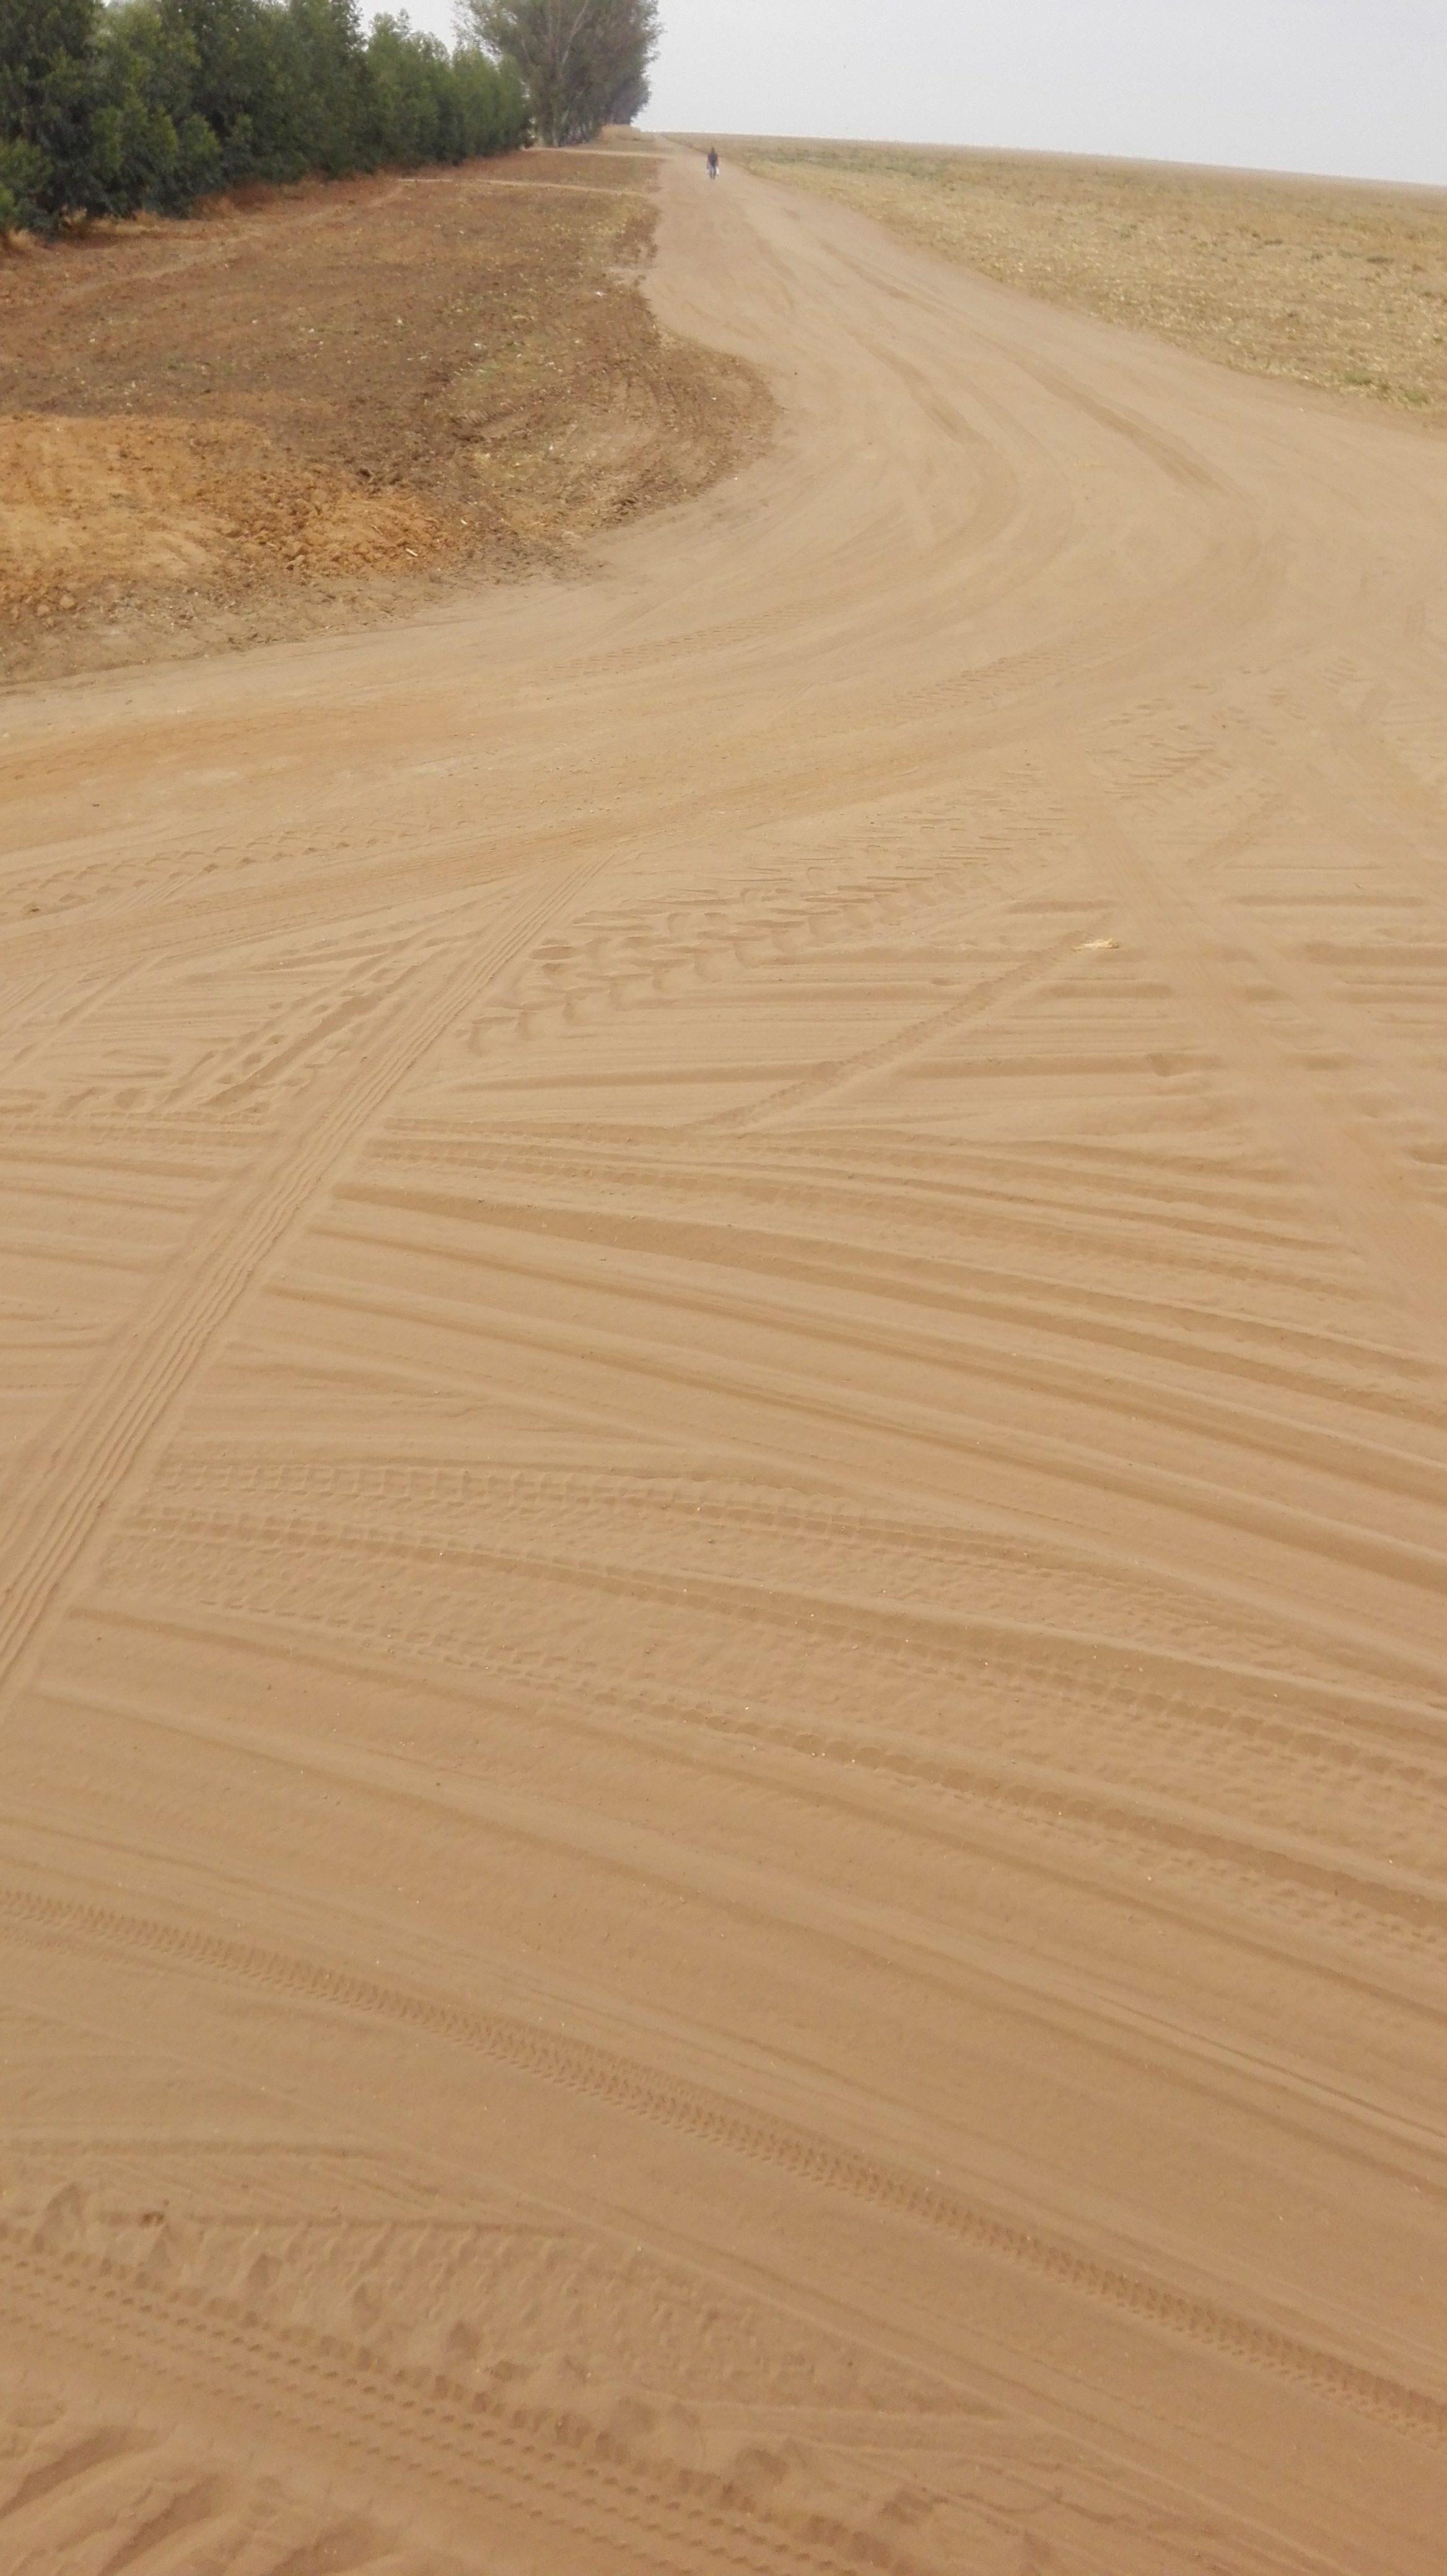 Zand-die-spiegel-glad-is-ook-voor-de-6X4--4